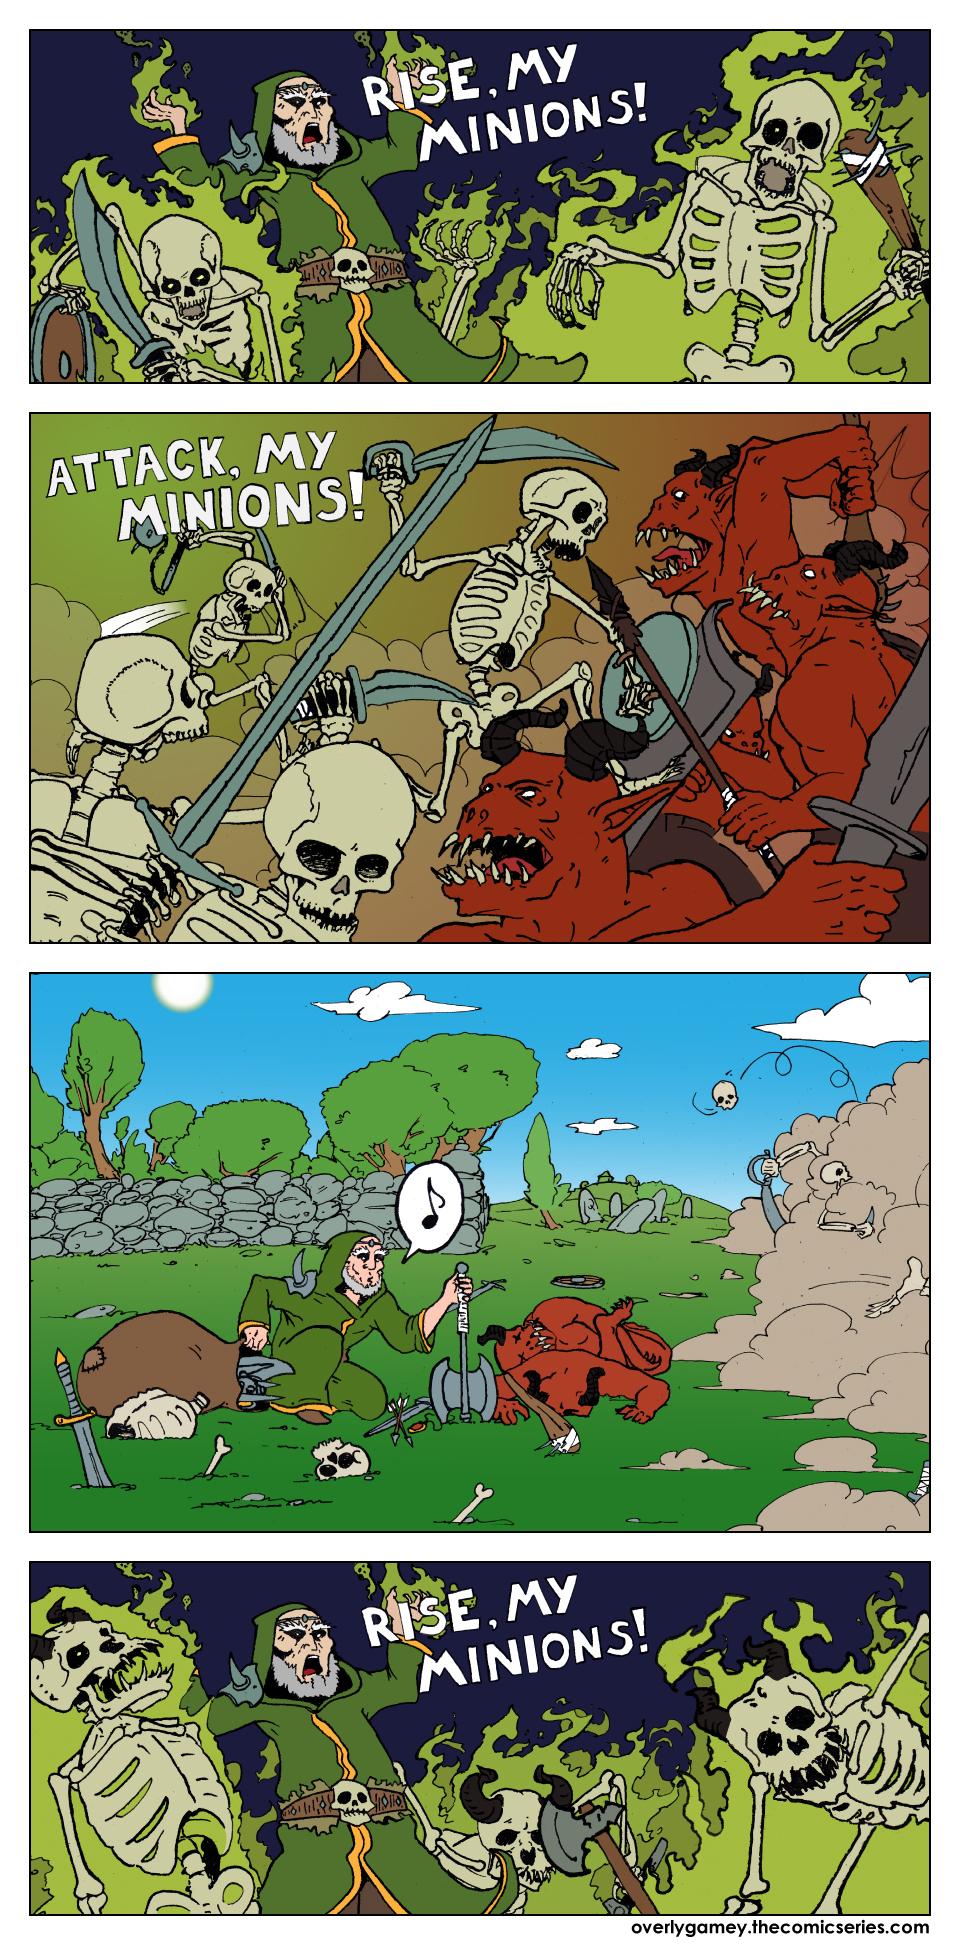 Look, corpses! Look, loot!